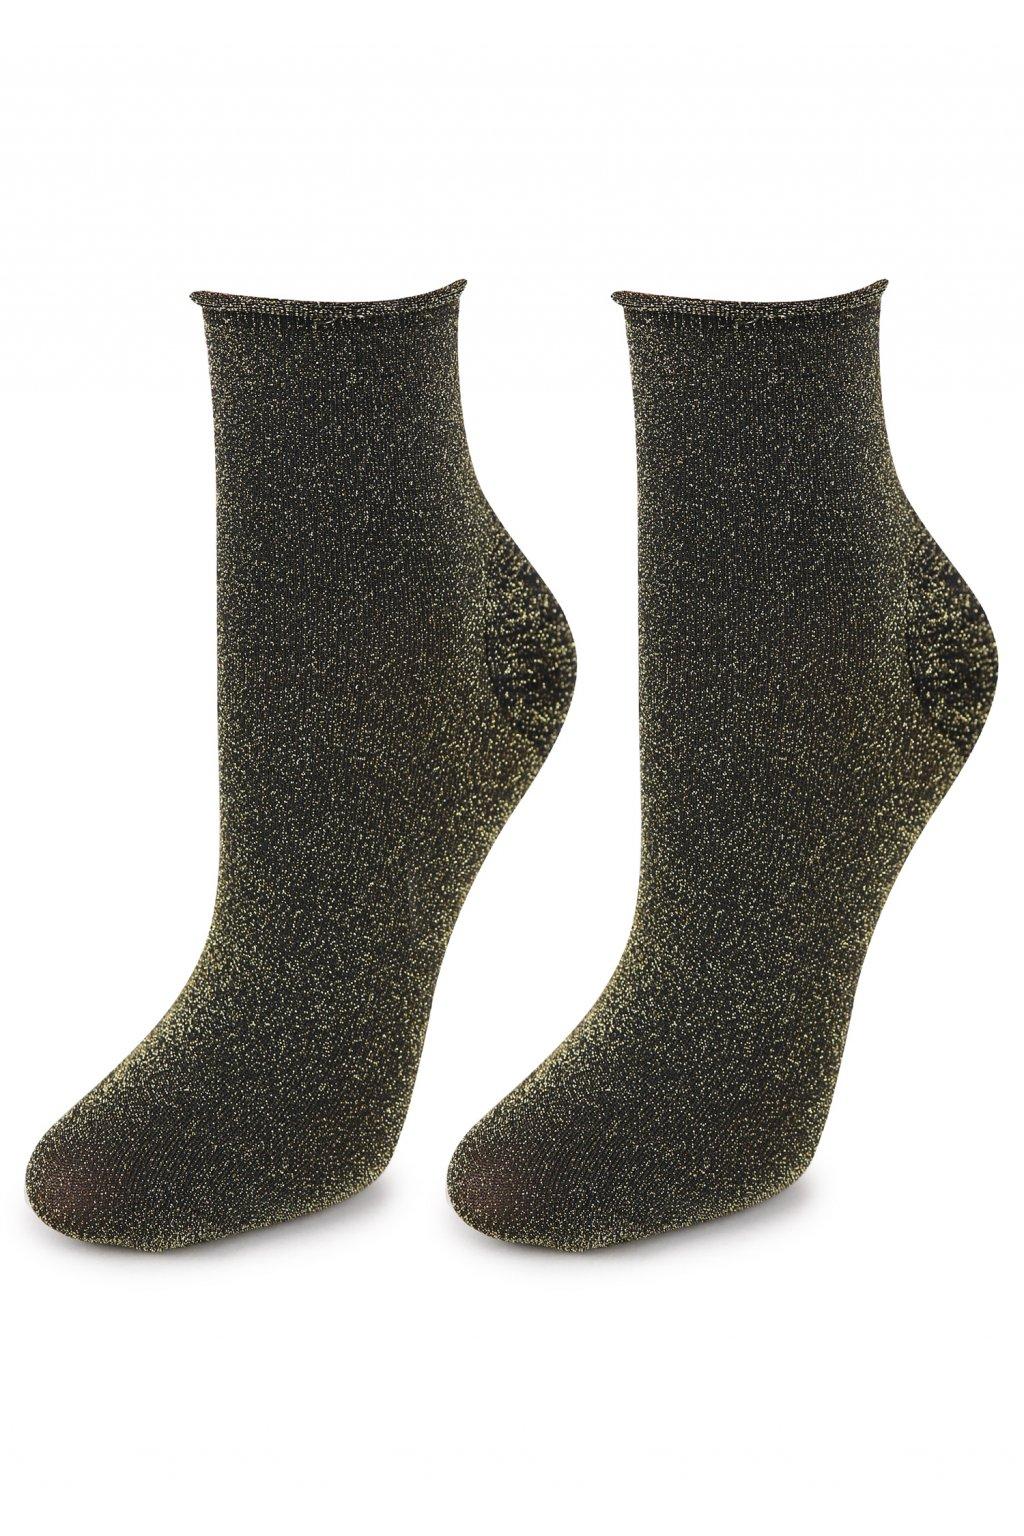 Dámské bavlněné ponožky s lurexem SHINE 04